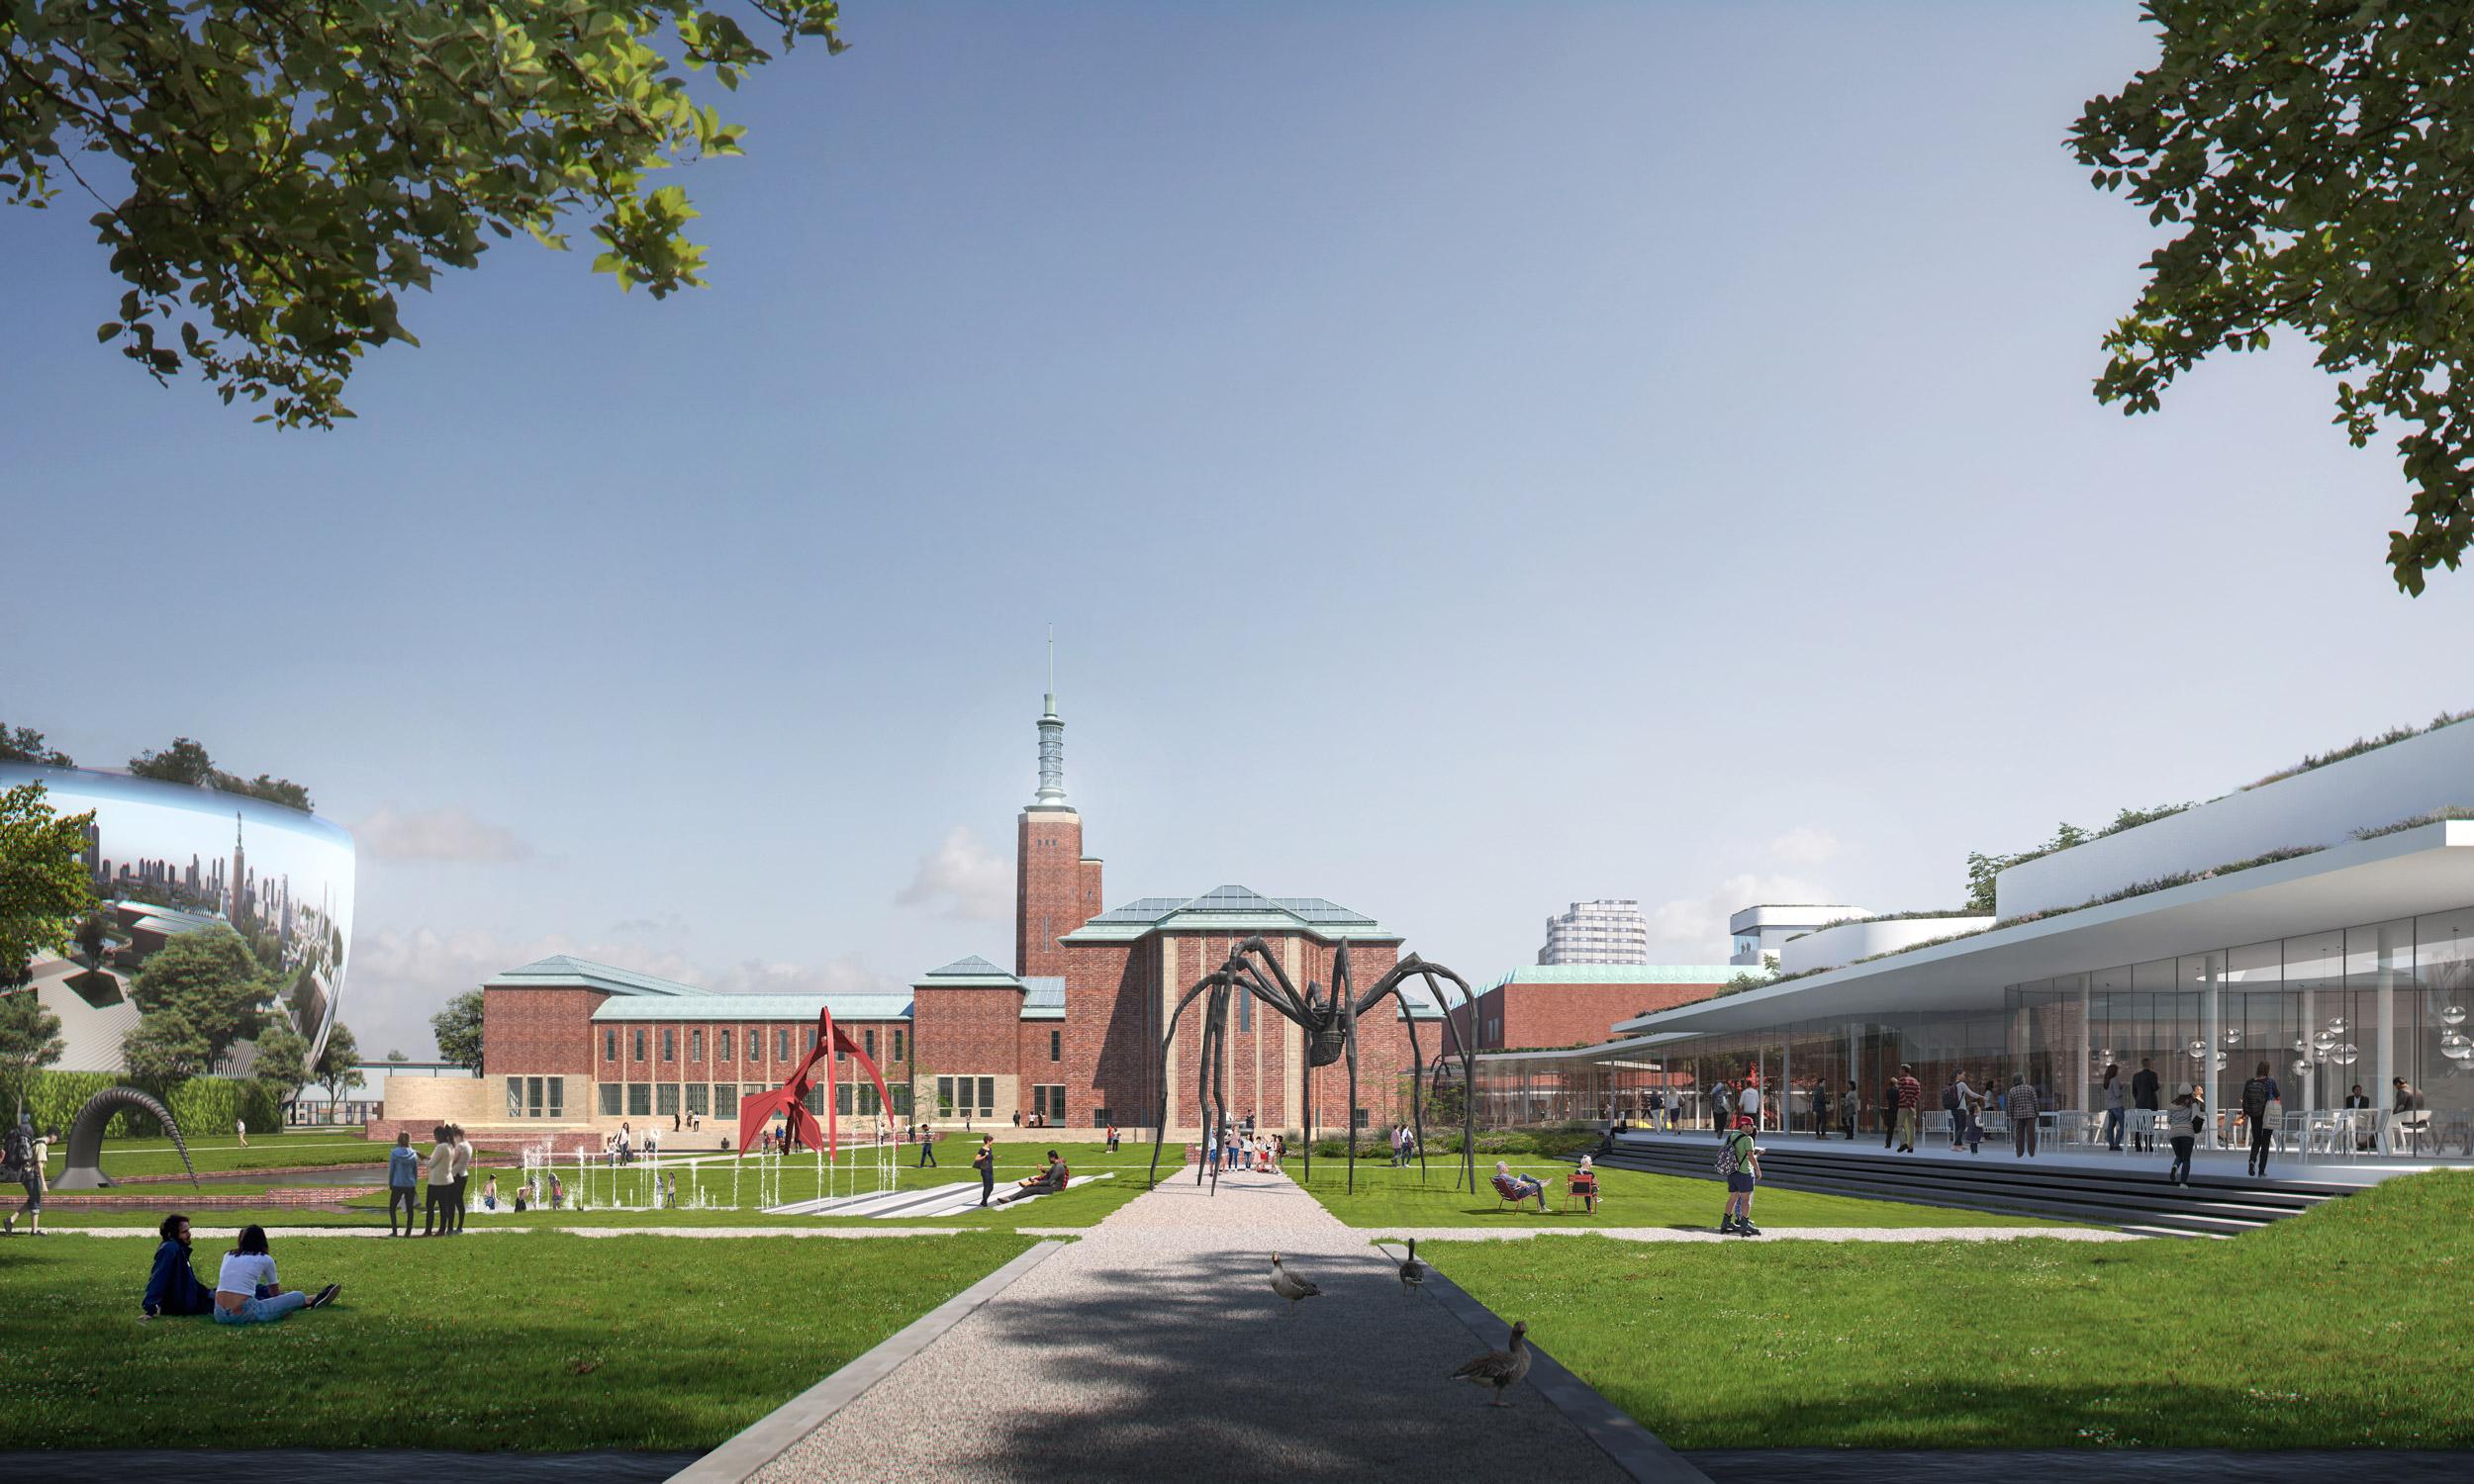 2-Museum-Boijmans-Van-Beuningen—Museumpark-day-view